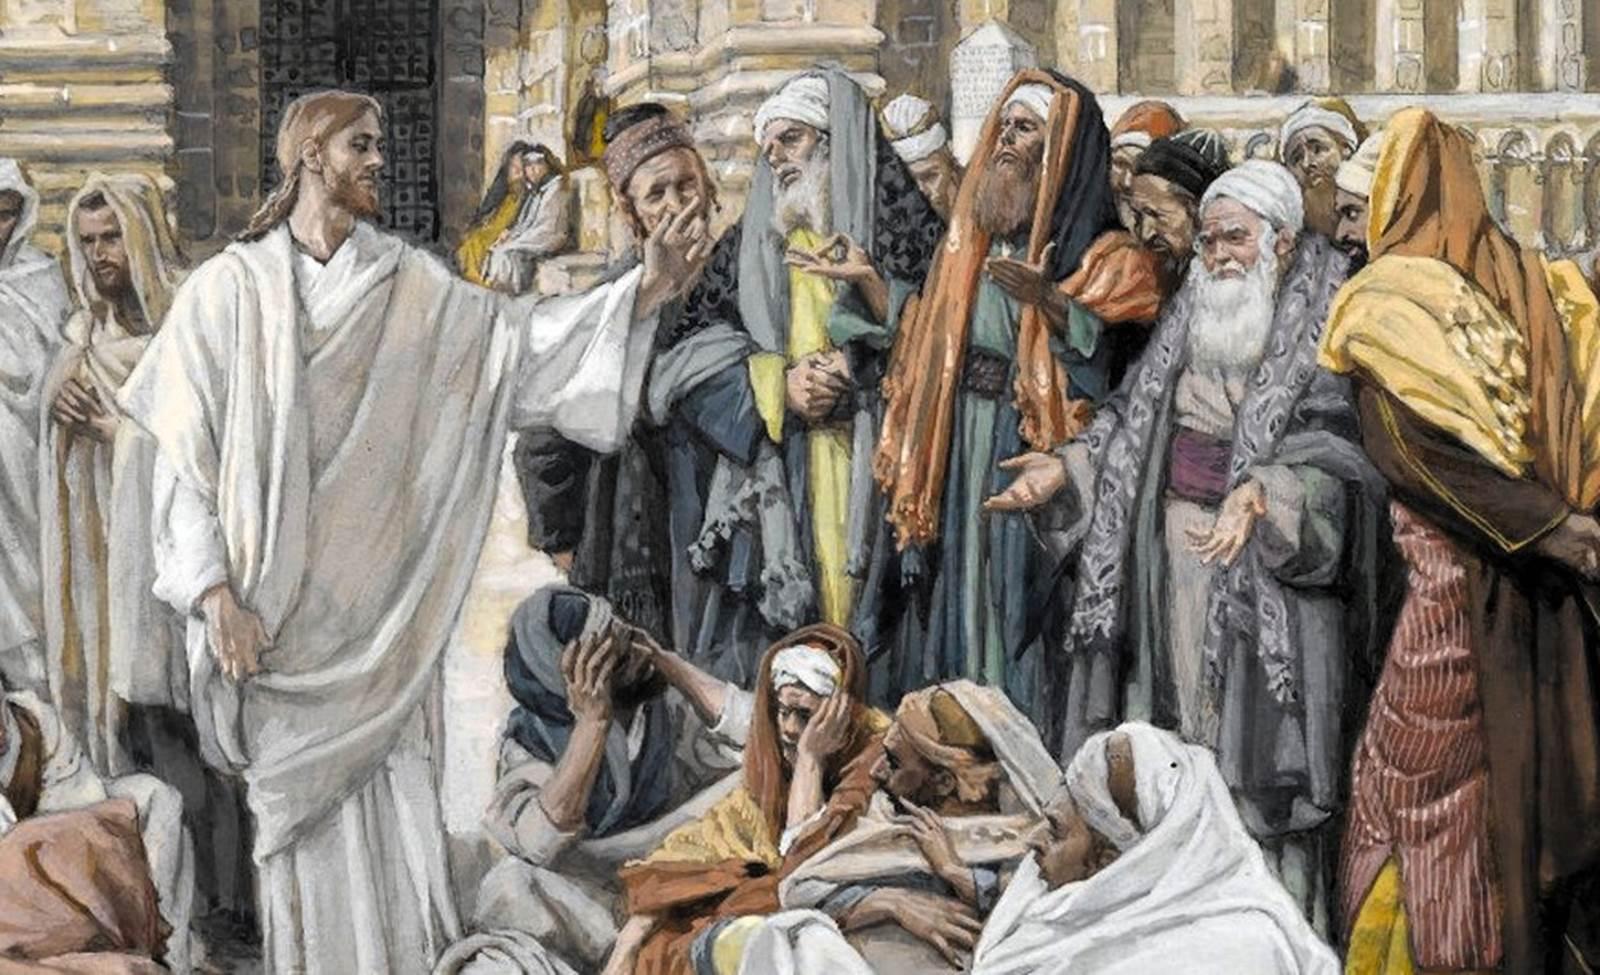 Điều răn đứng đầu (12.3.2021 – Thứ Sáu Tuần 3 Mùa Chay)